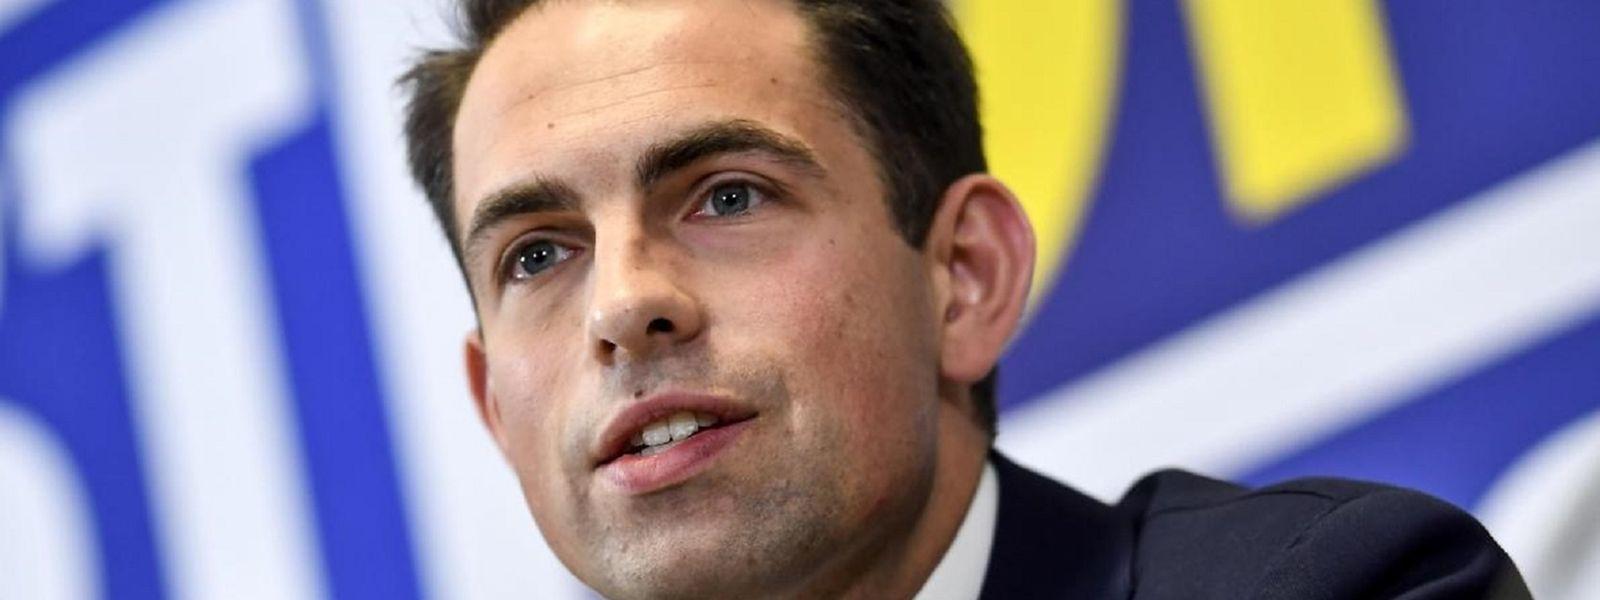 Tom Van Grieken, président du parti d'extrême droite Vlaams Belang, rejette tout lien avec les actions de Jürgen Conings.